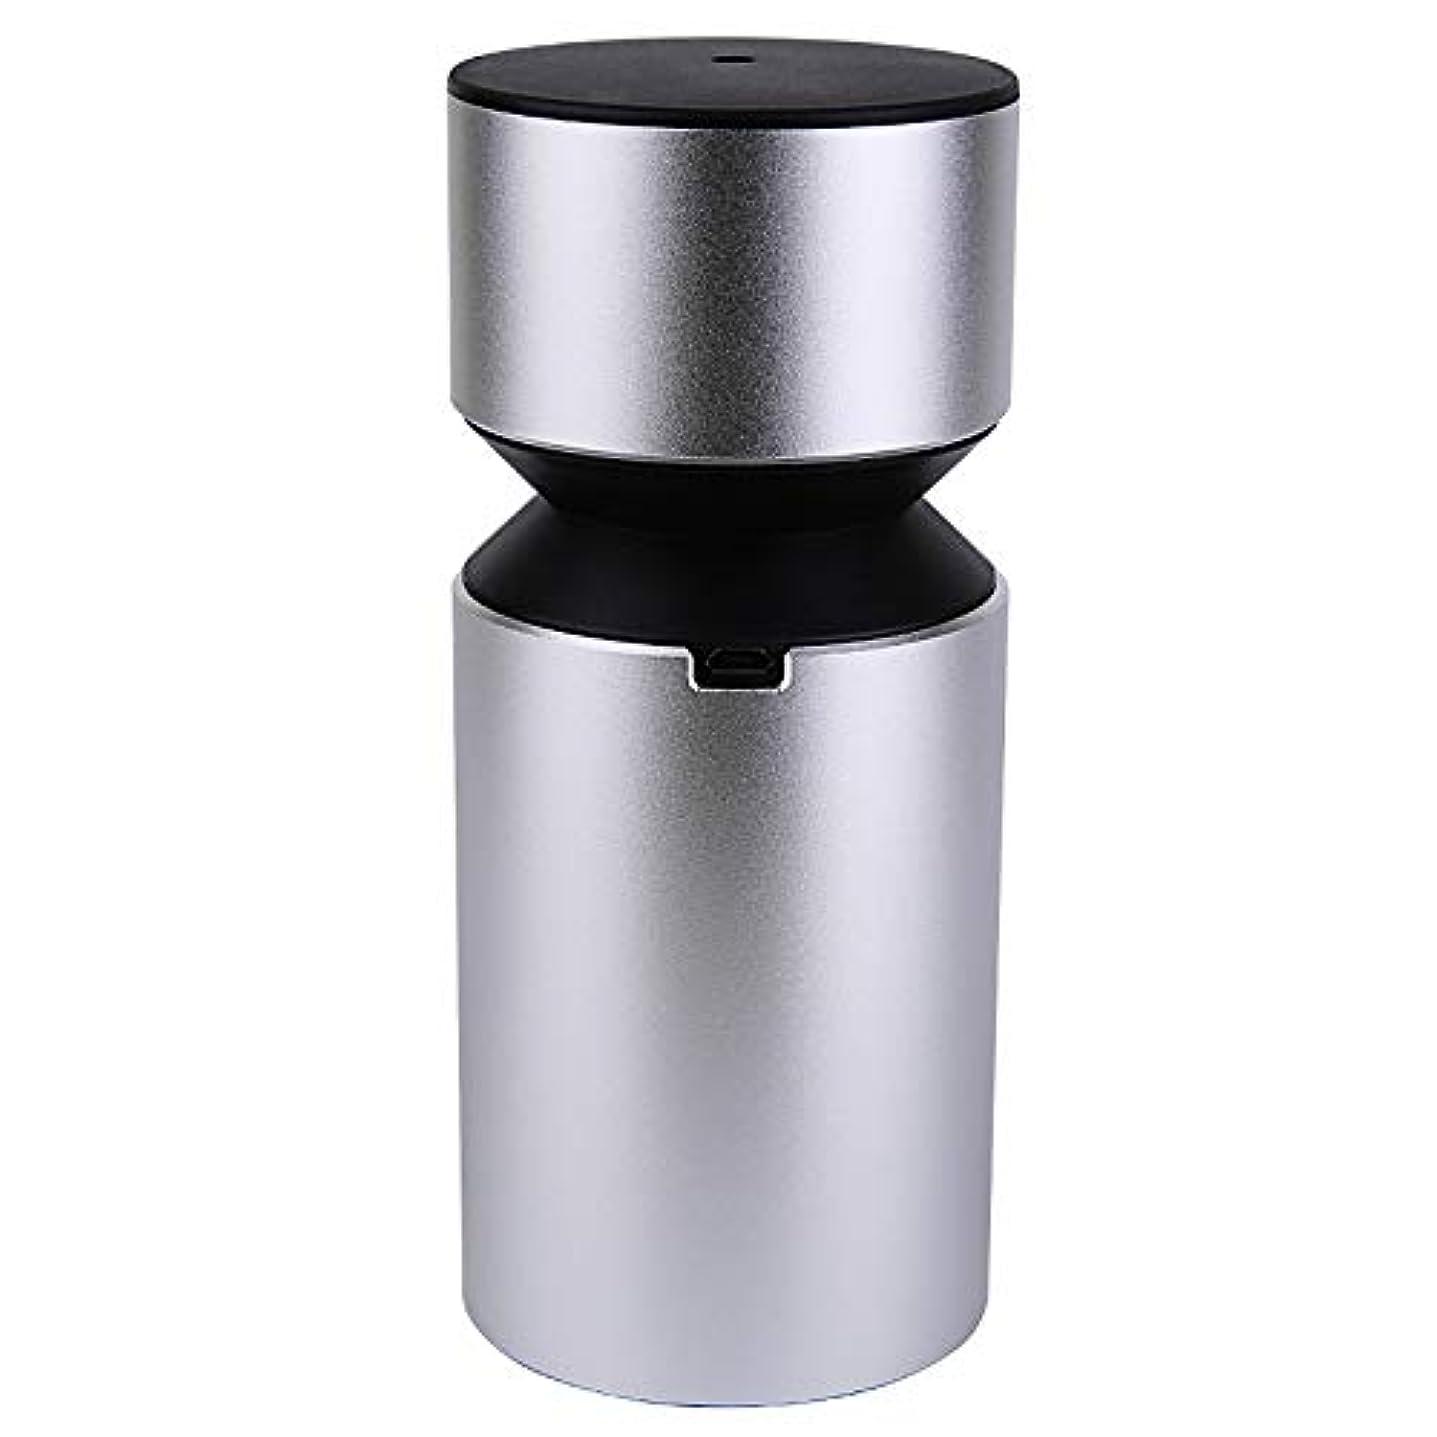 グローペンス突然アロマディフューザー 車載用 ネブライザー式 充電式 静音 精油瓶1個スポイト付きT11-ENS068N (シルバー)